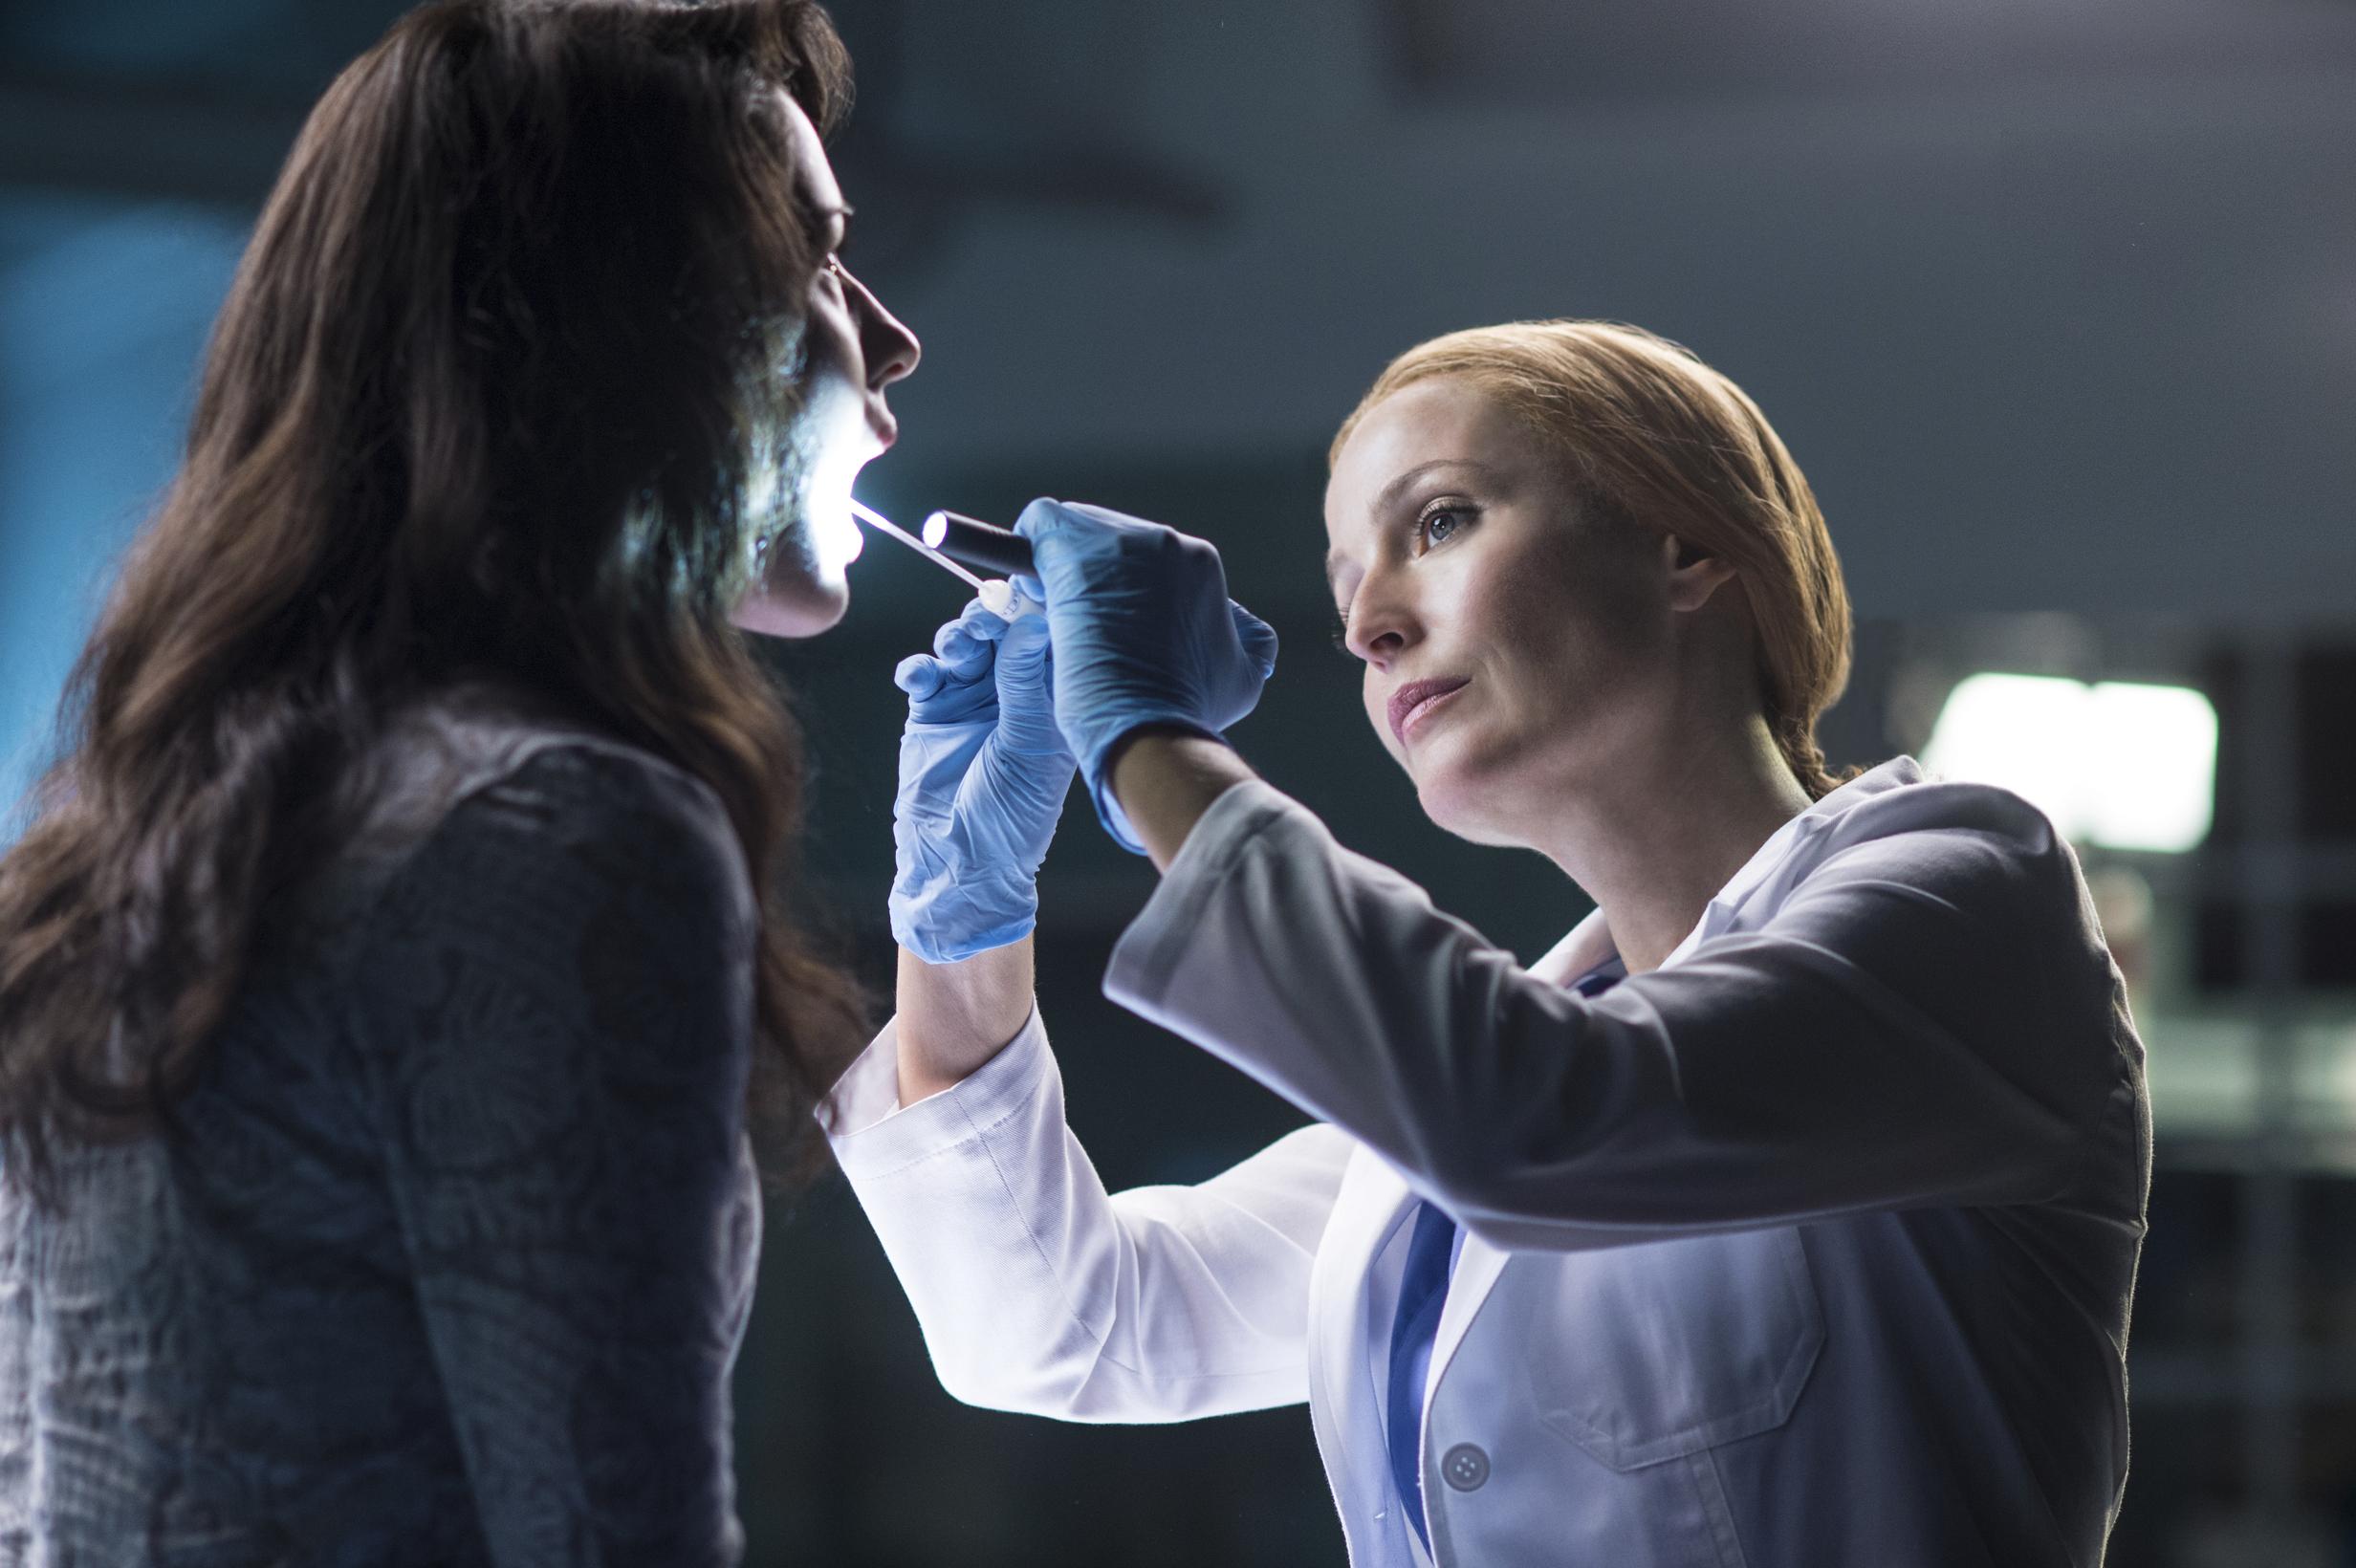 """Ati vazut """"Dosarele X"""" (""""X Files""""), sezonul 10? Episodul 1 este poate cel mai antisistem film produs vreodata iar […]"""